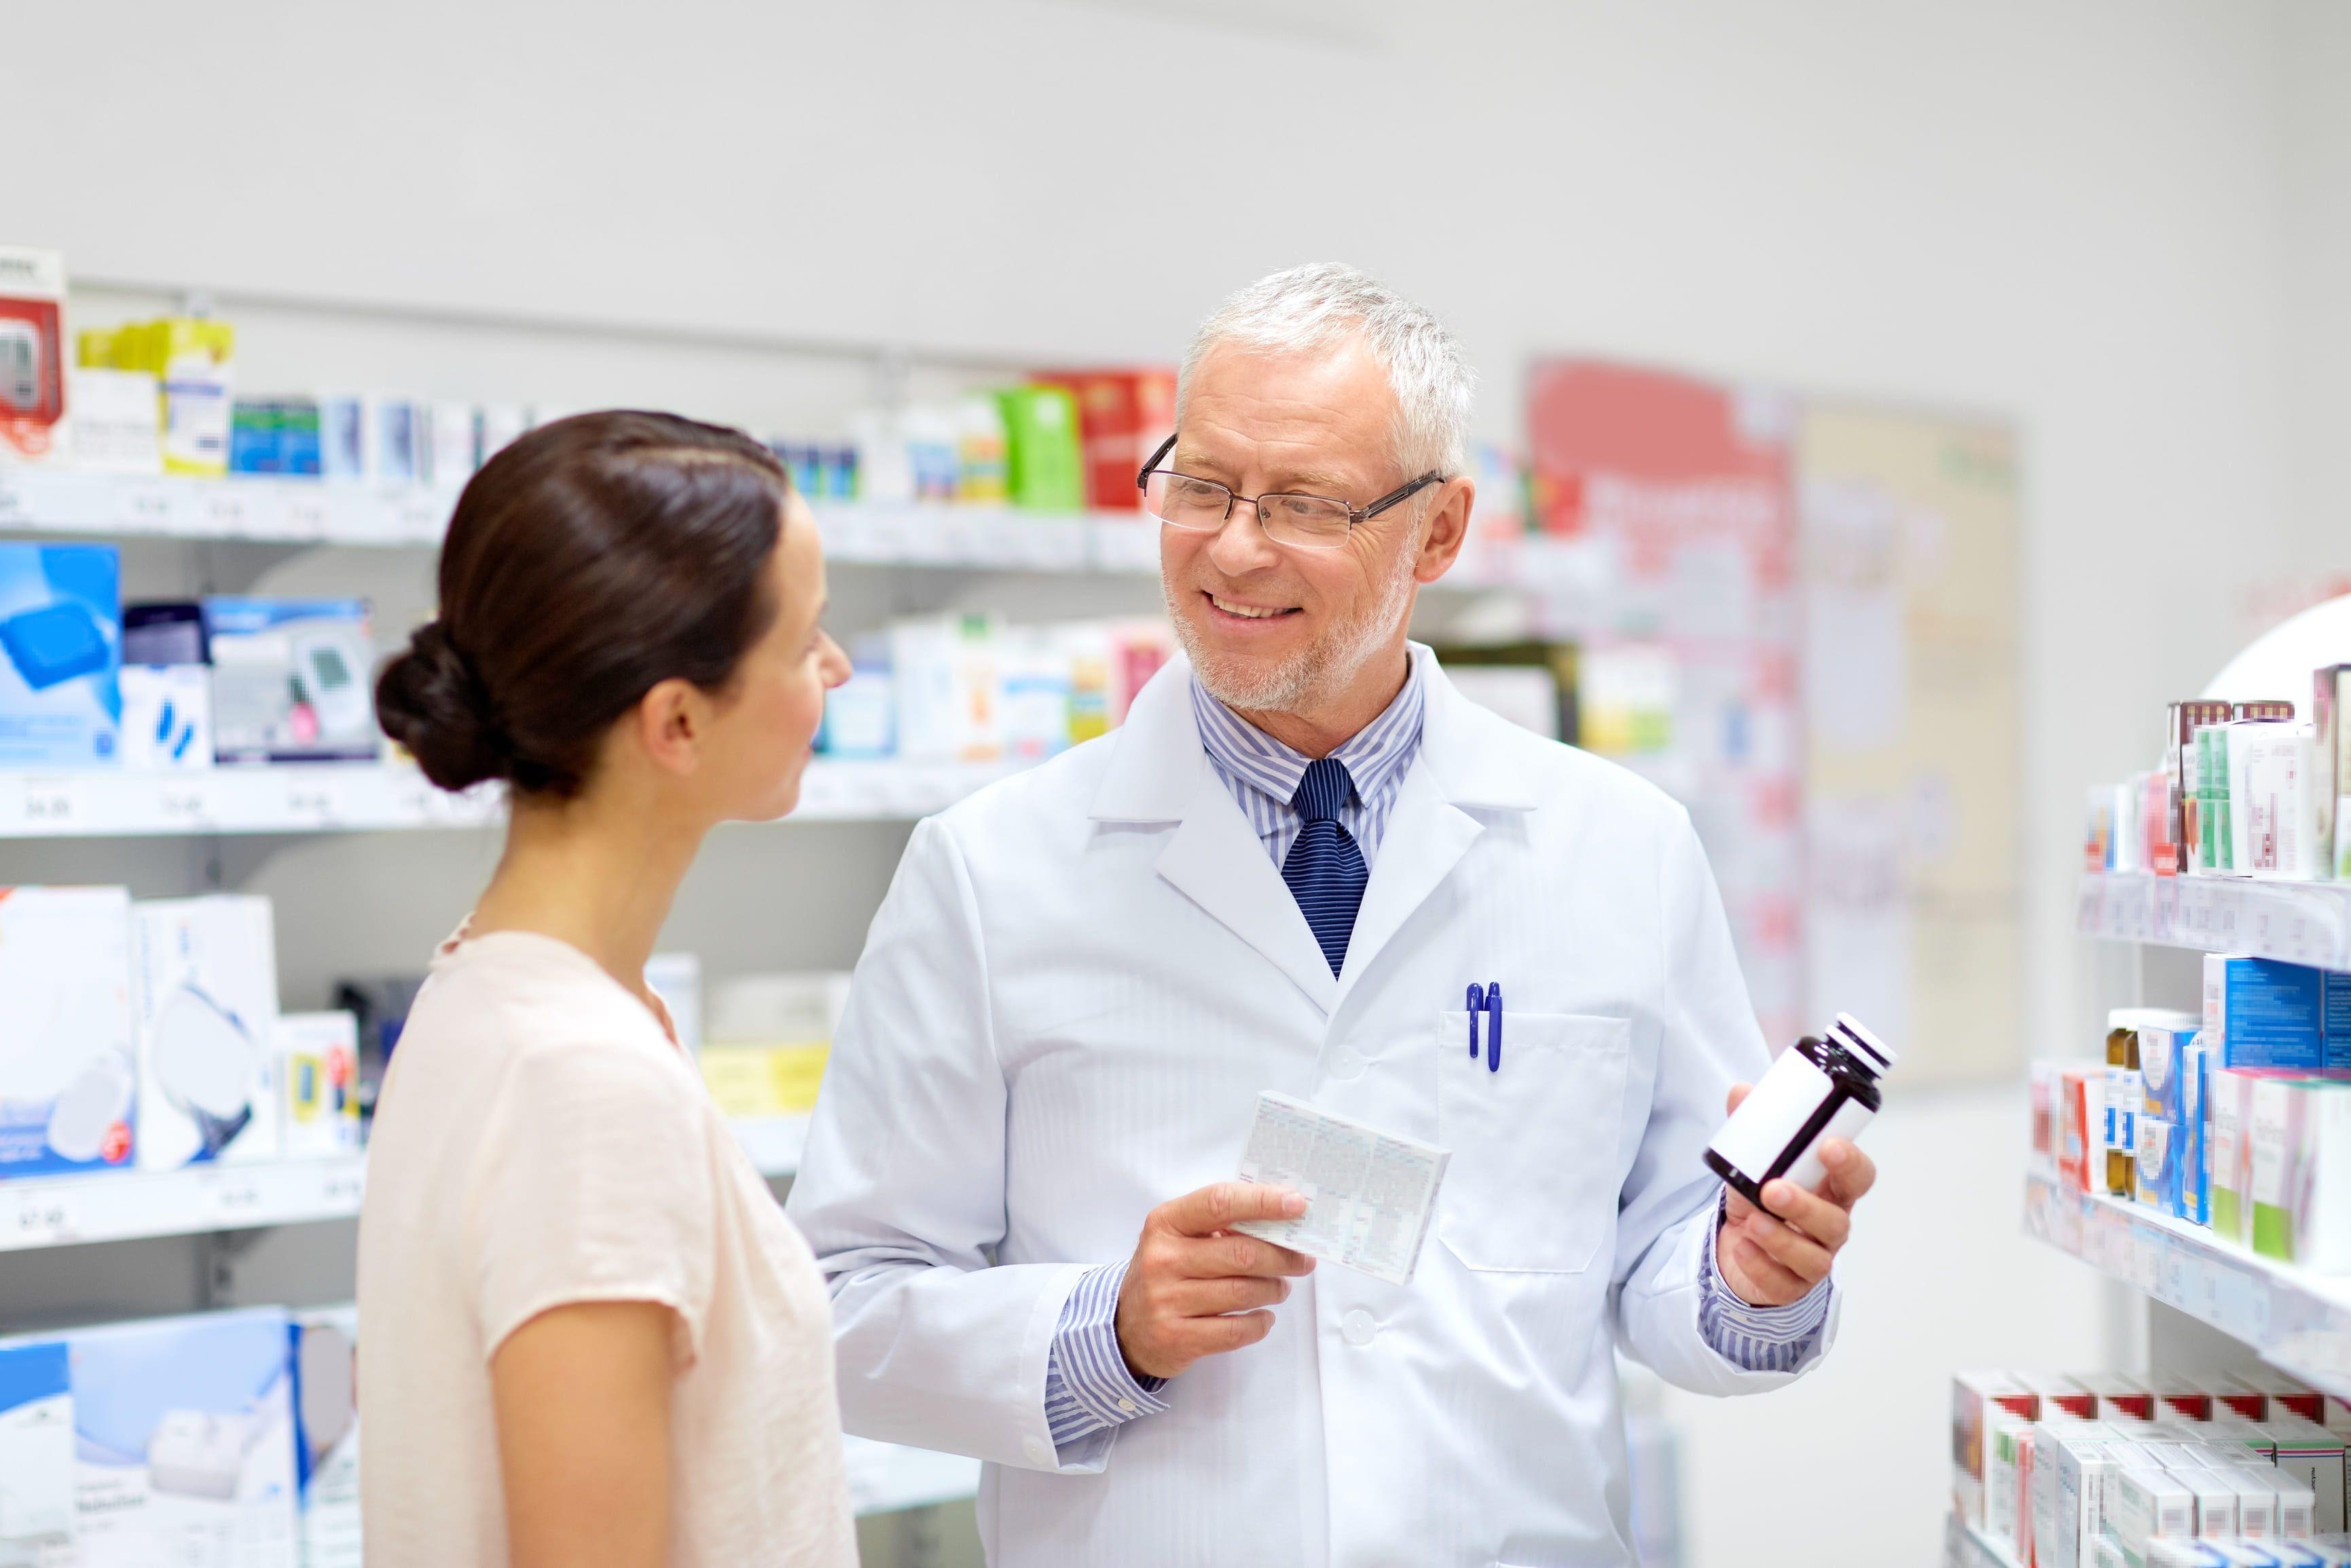 Lo Cost Pharmacy